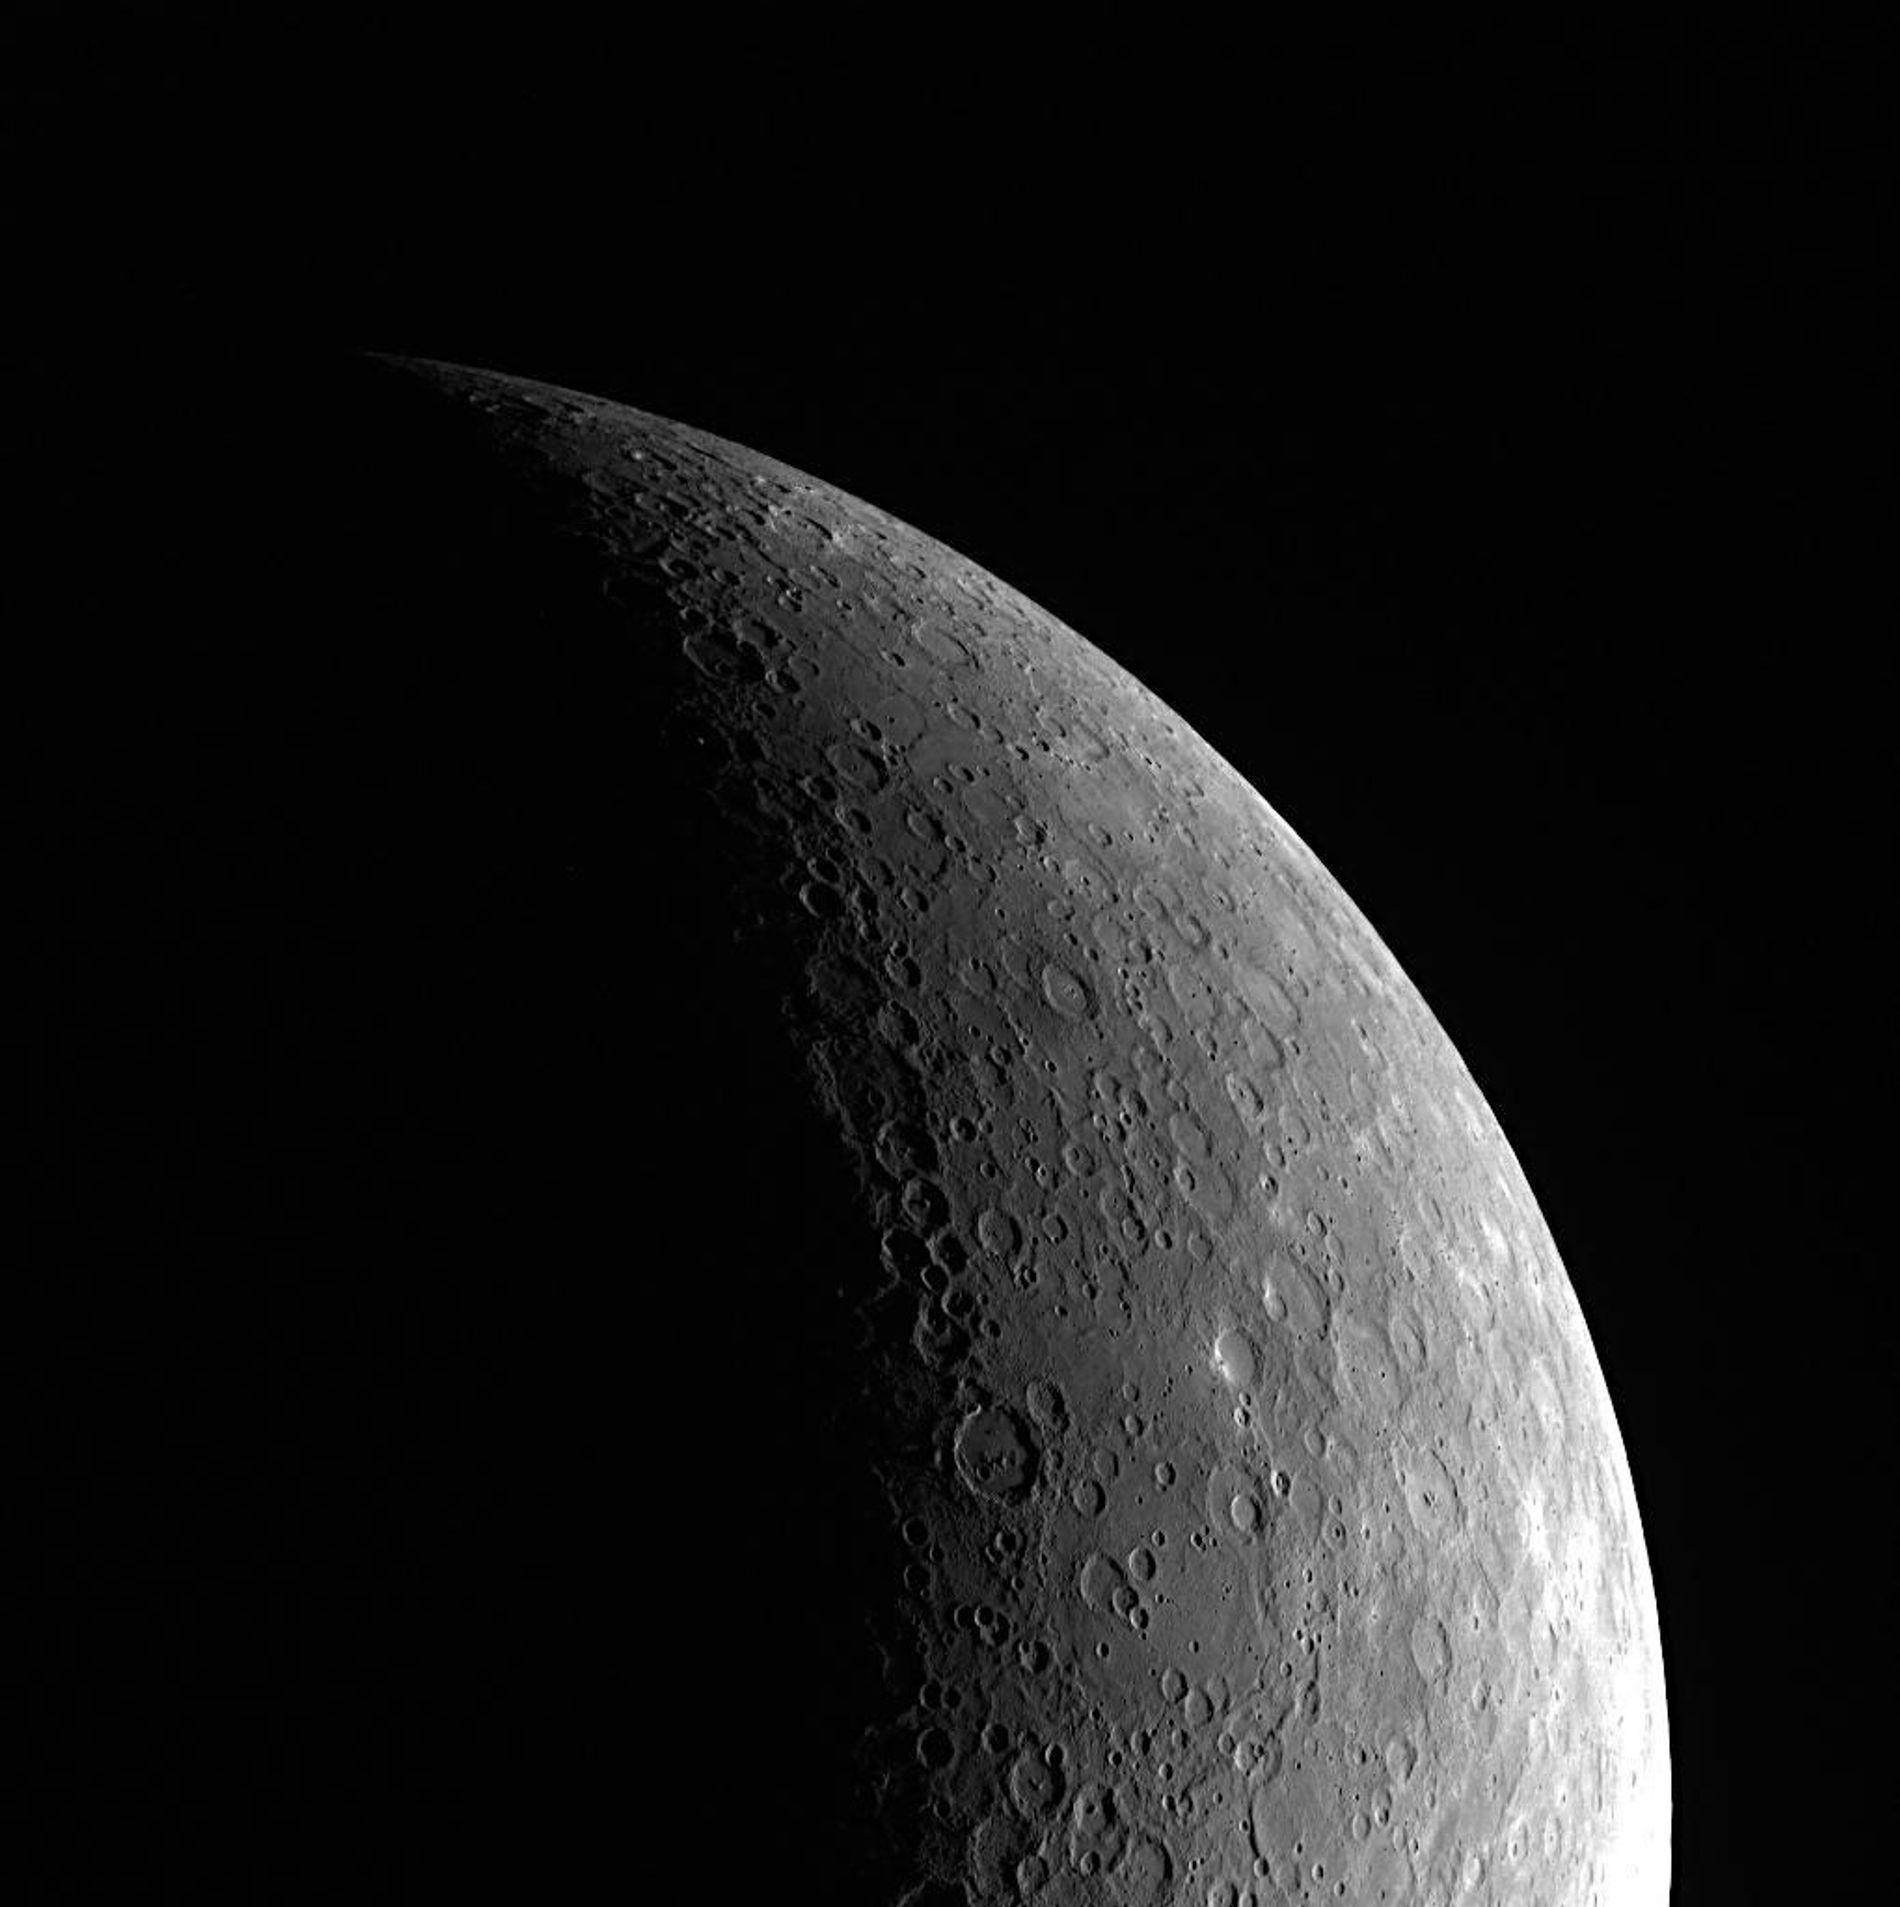 Auf dieser Aufnahme des Planeten Merkur sind die zahlreichen Einschlagkrater auf seiner Oberfläche gut zu erkennen. ...